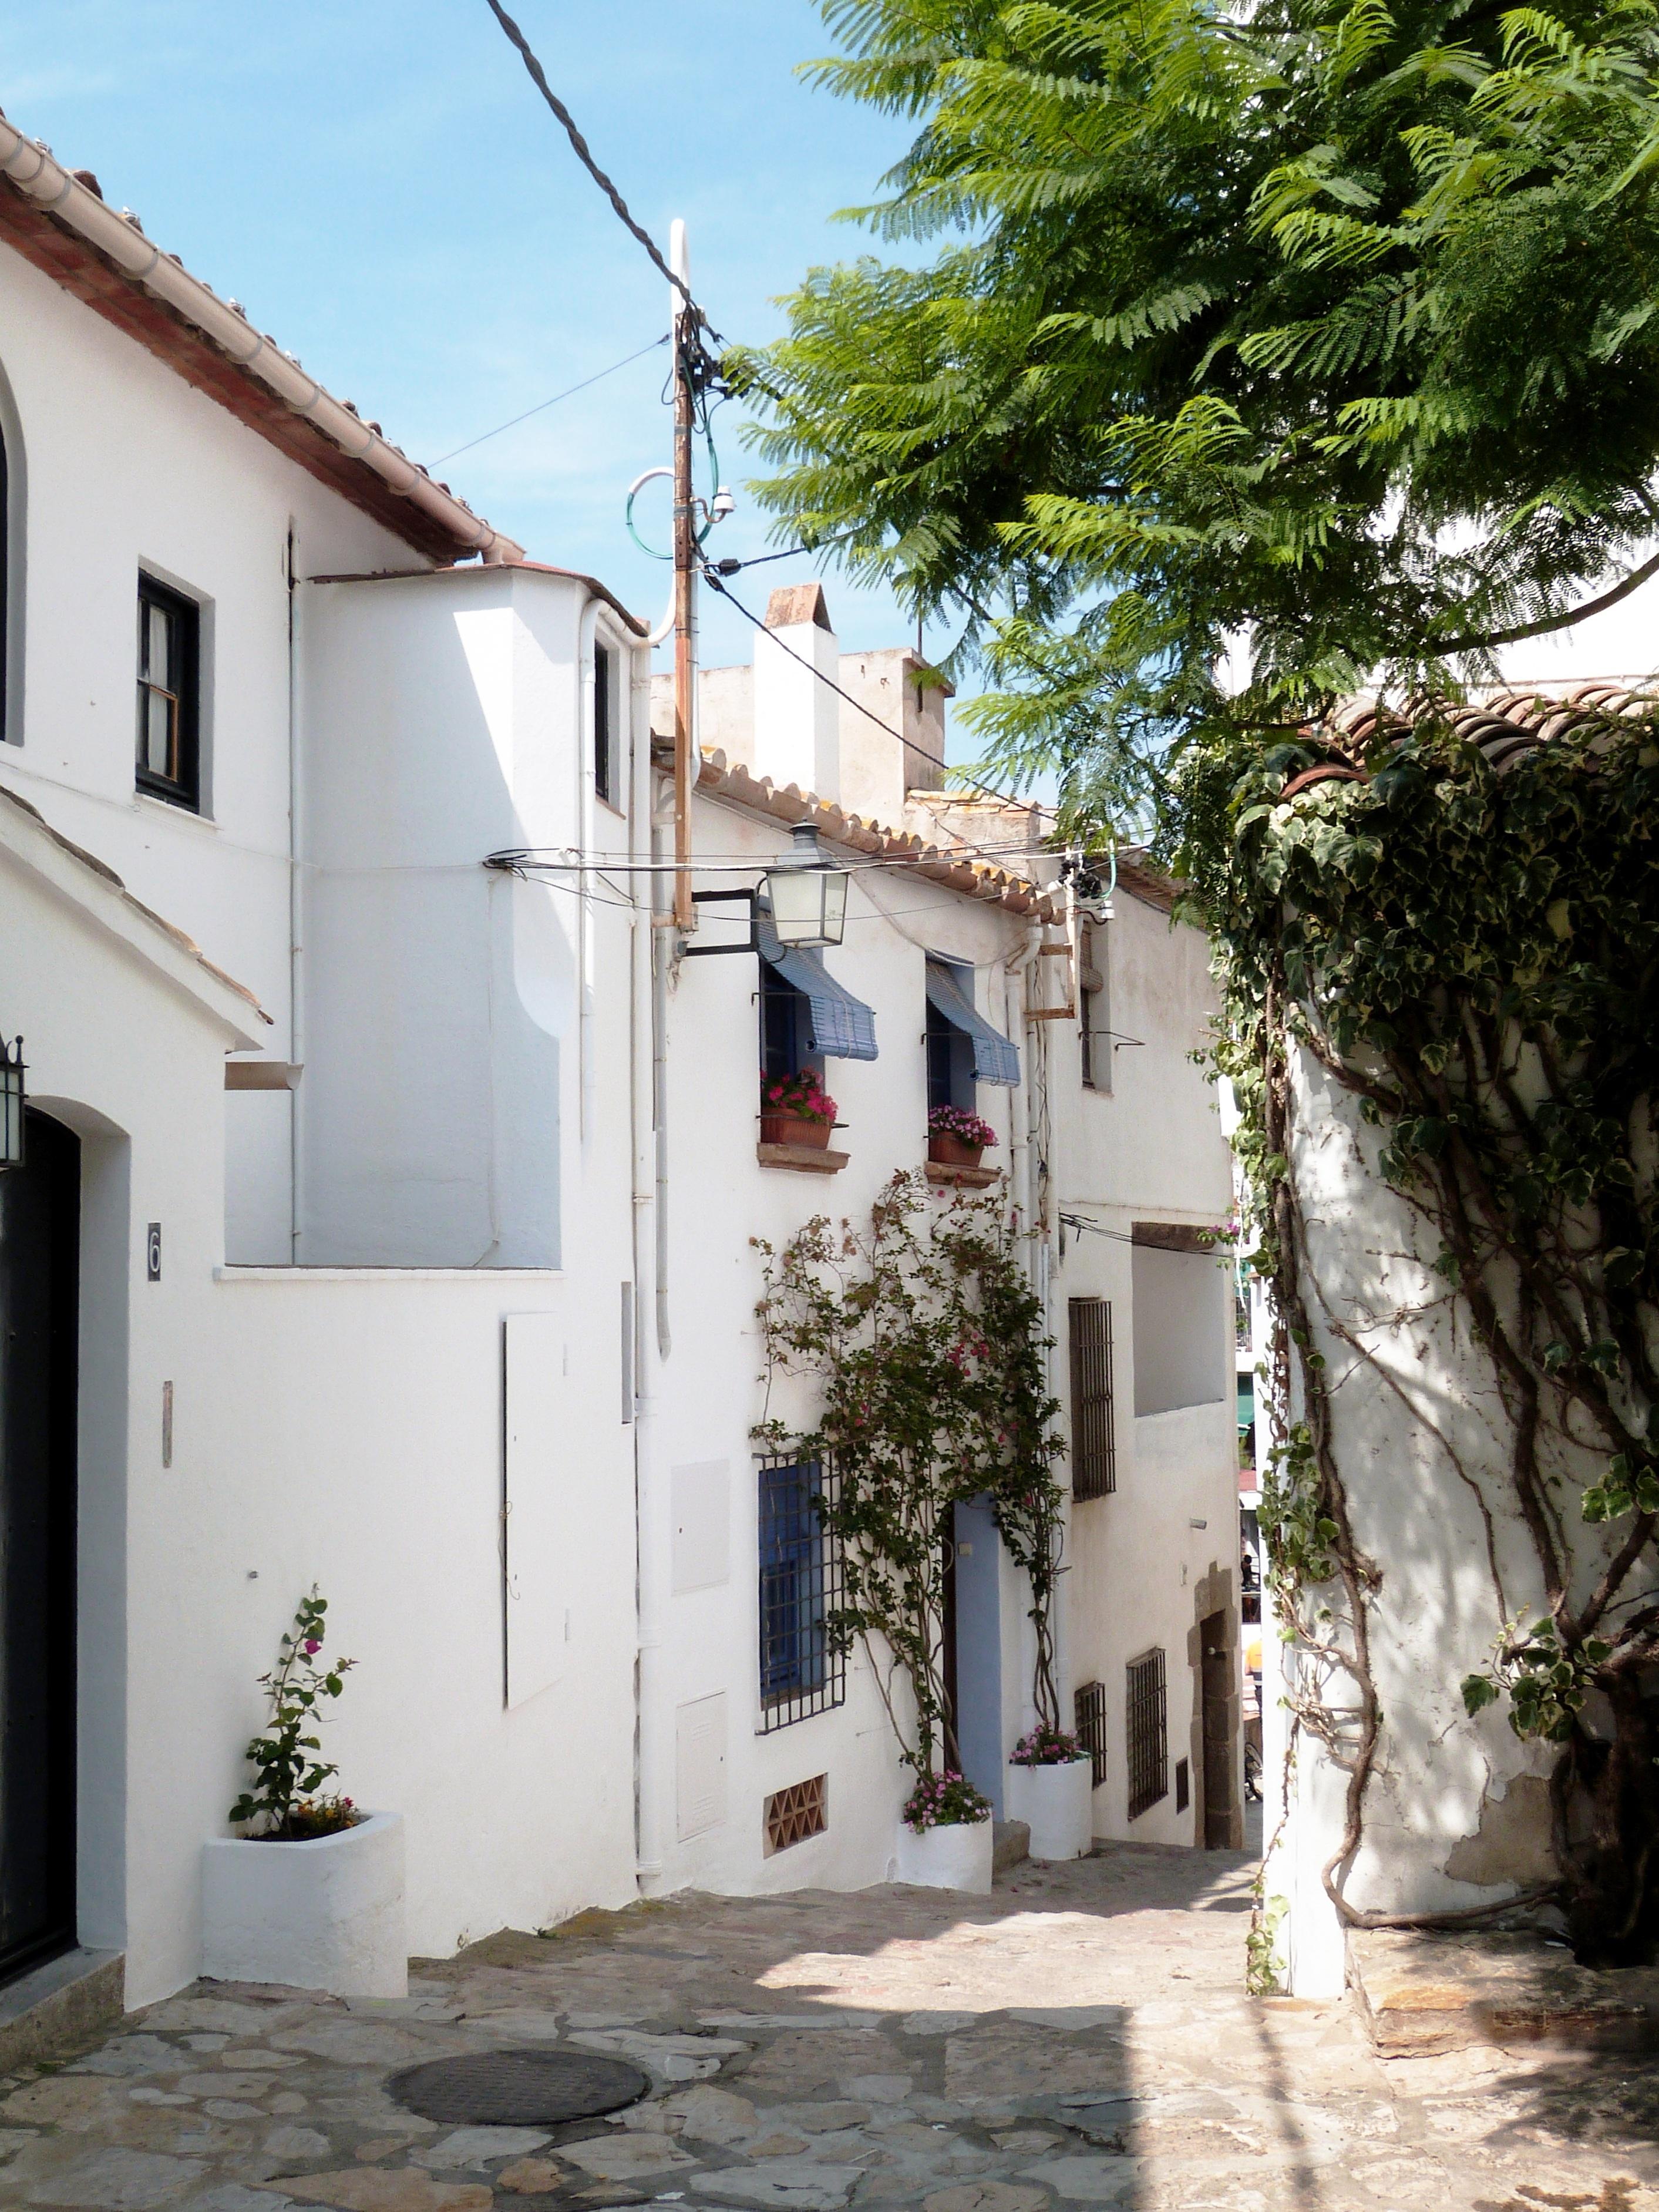 Fotos gratis arquitectura gente la carretera blanco - Casas calella de palafrugell ...